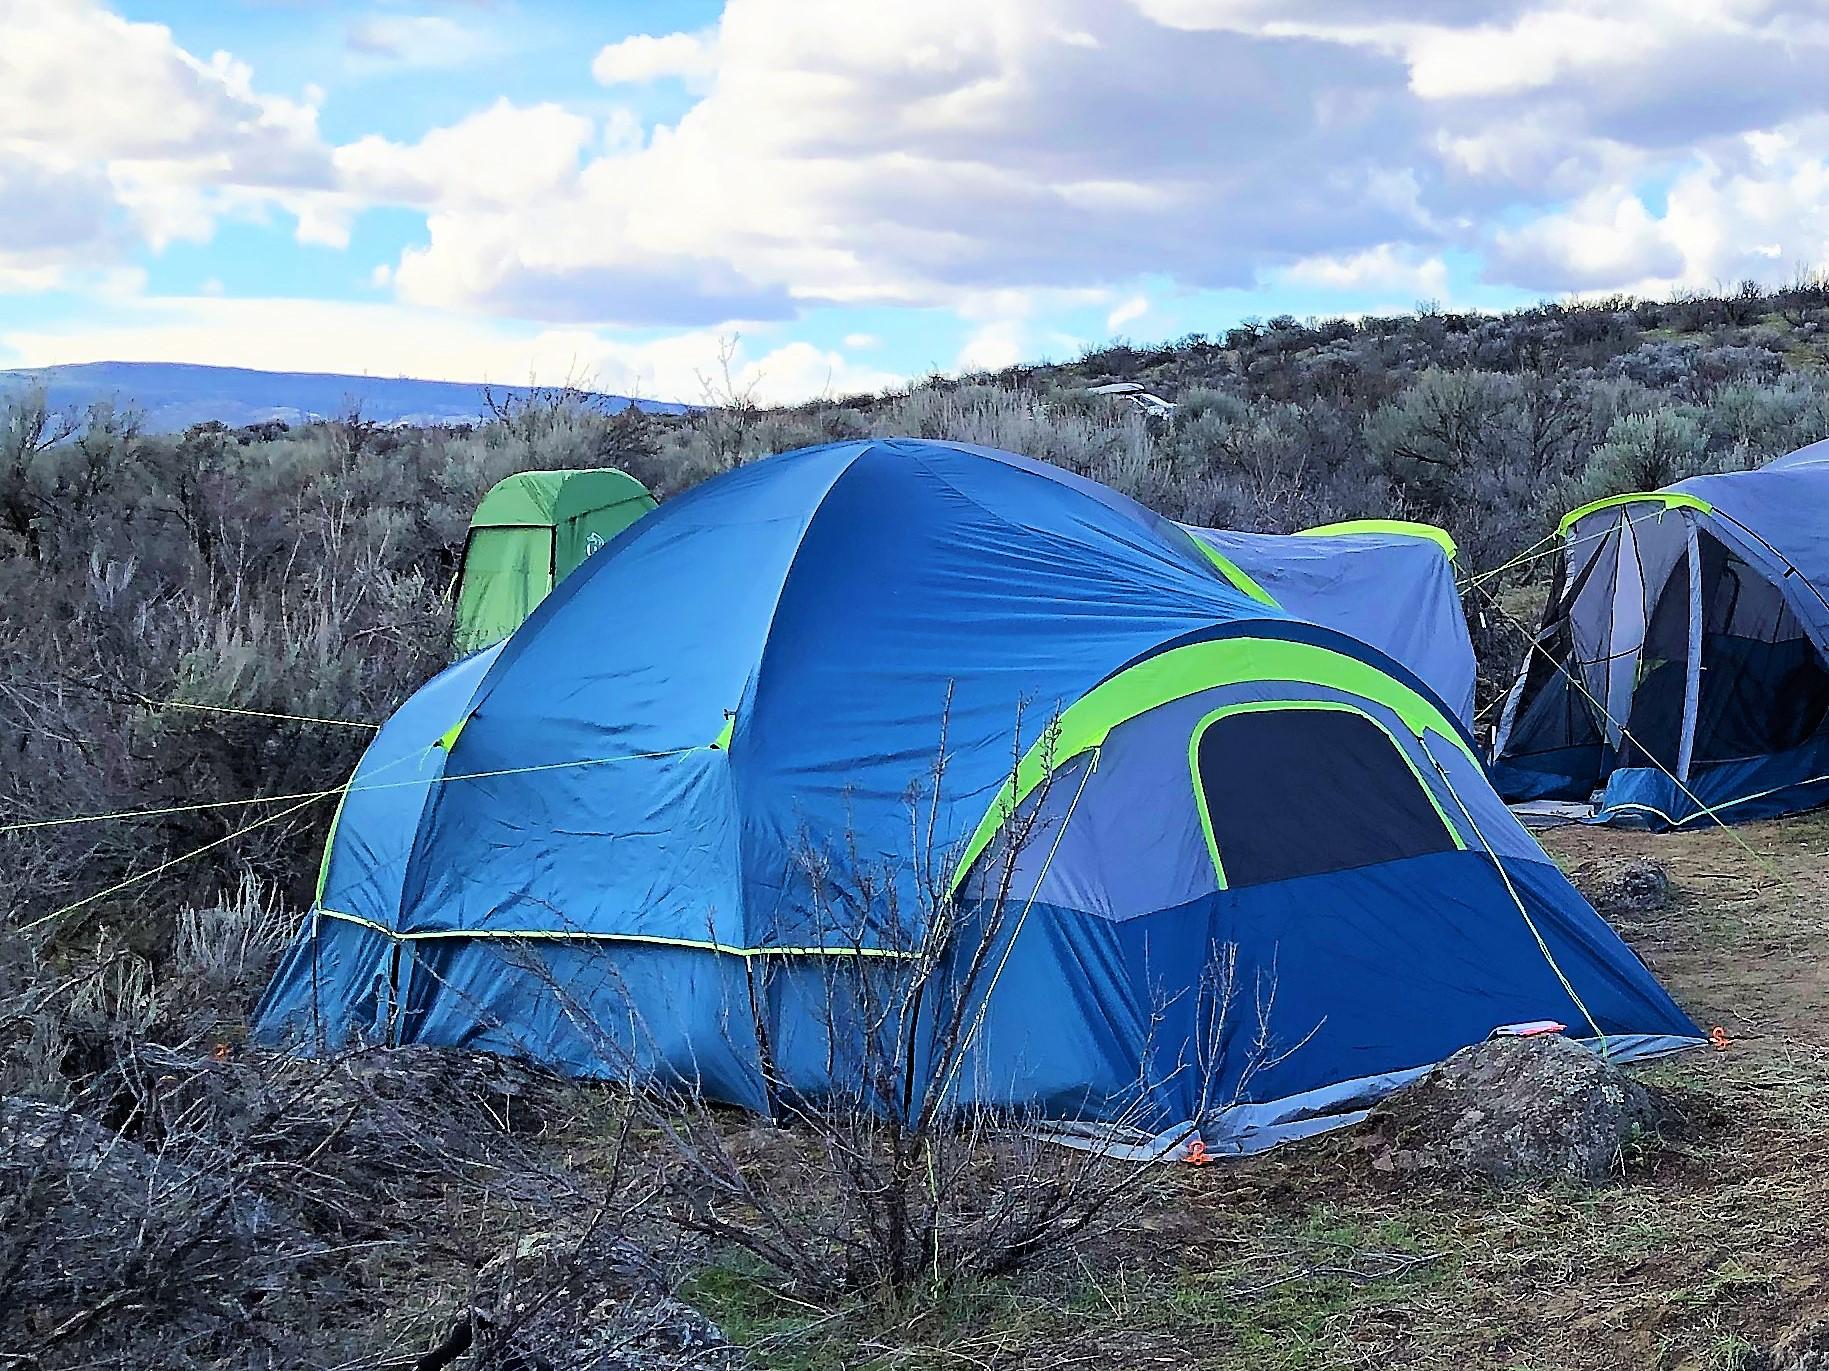 Tenting at Peniel Ranch